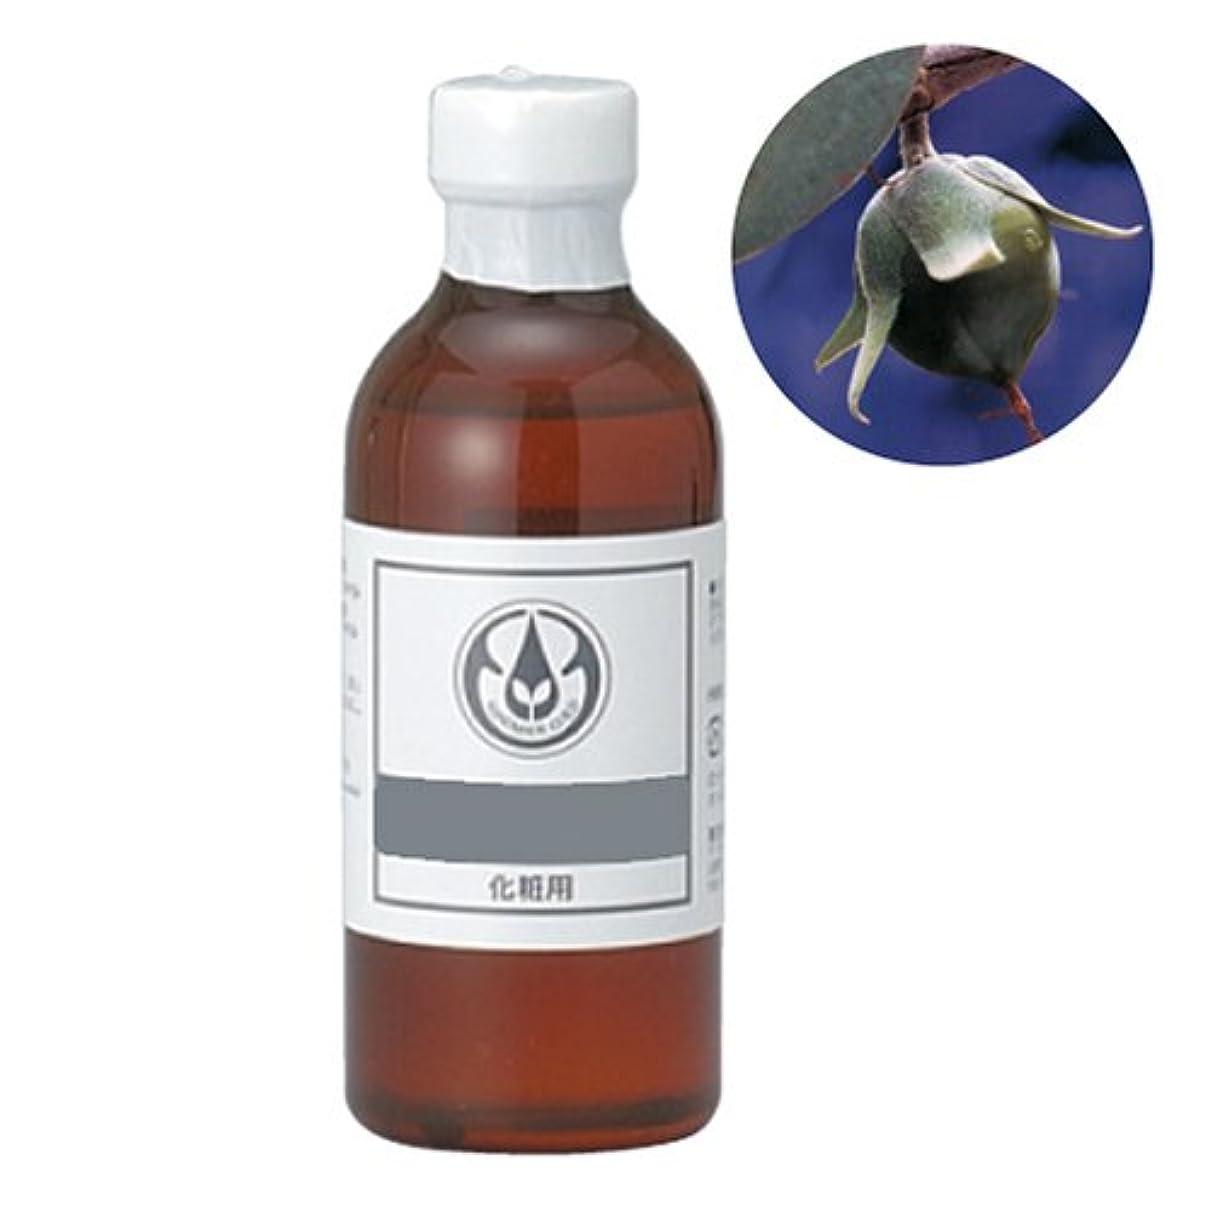 フクロウピカリング波生活の木 ホホバ油 (クリア) 250ml